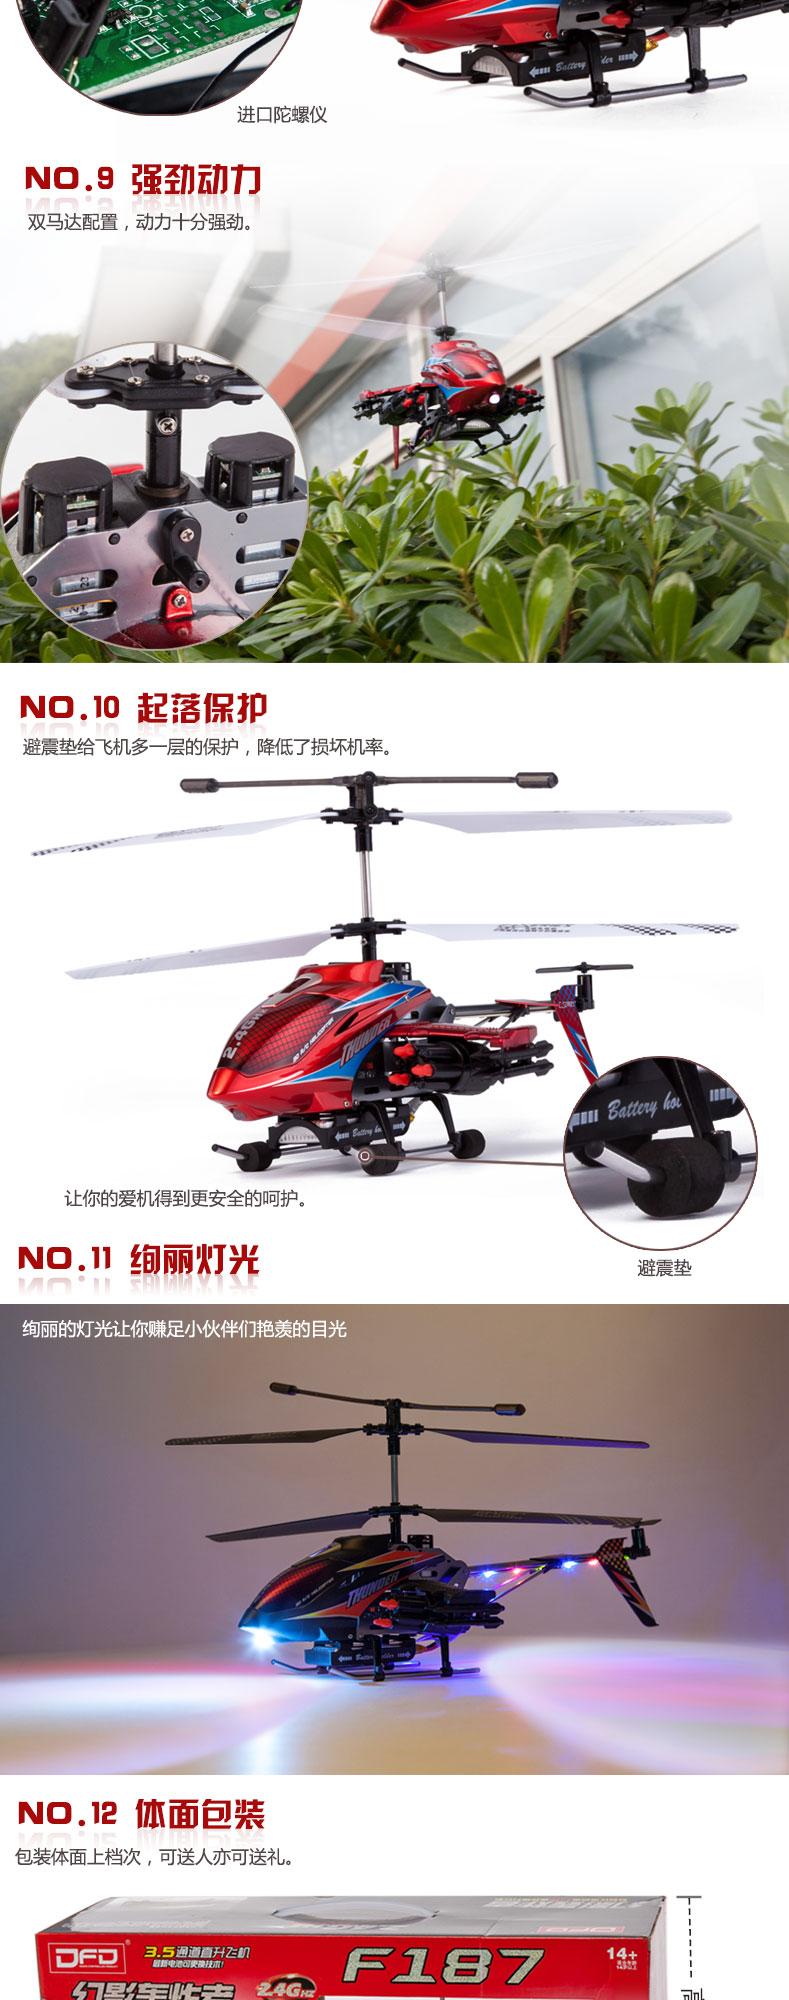 4g遥控电动玩具直升机飞机打子弹